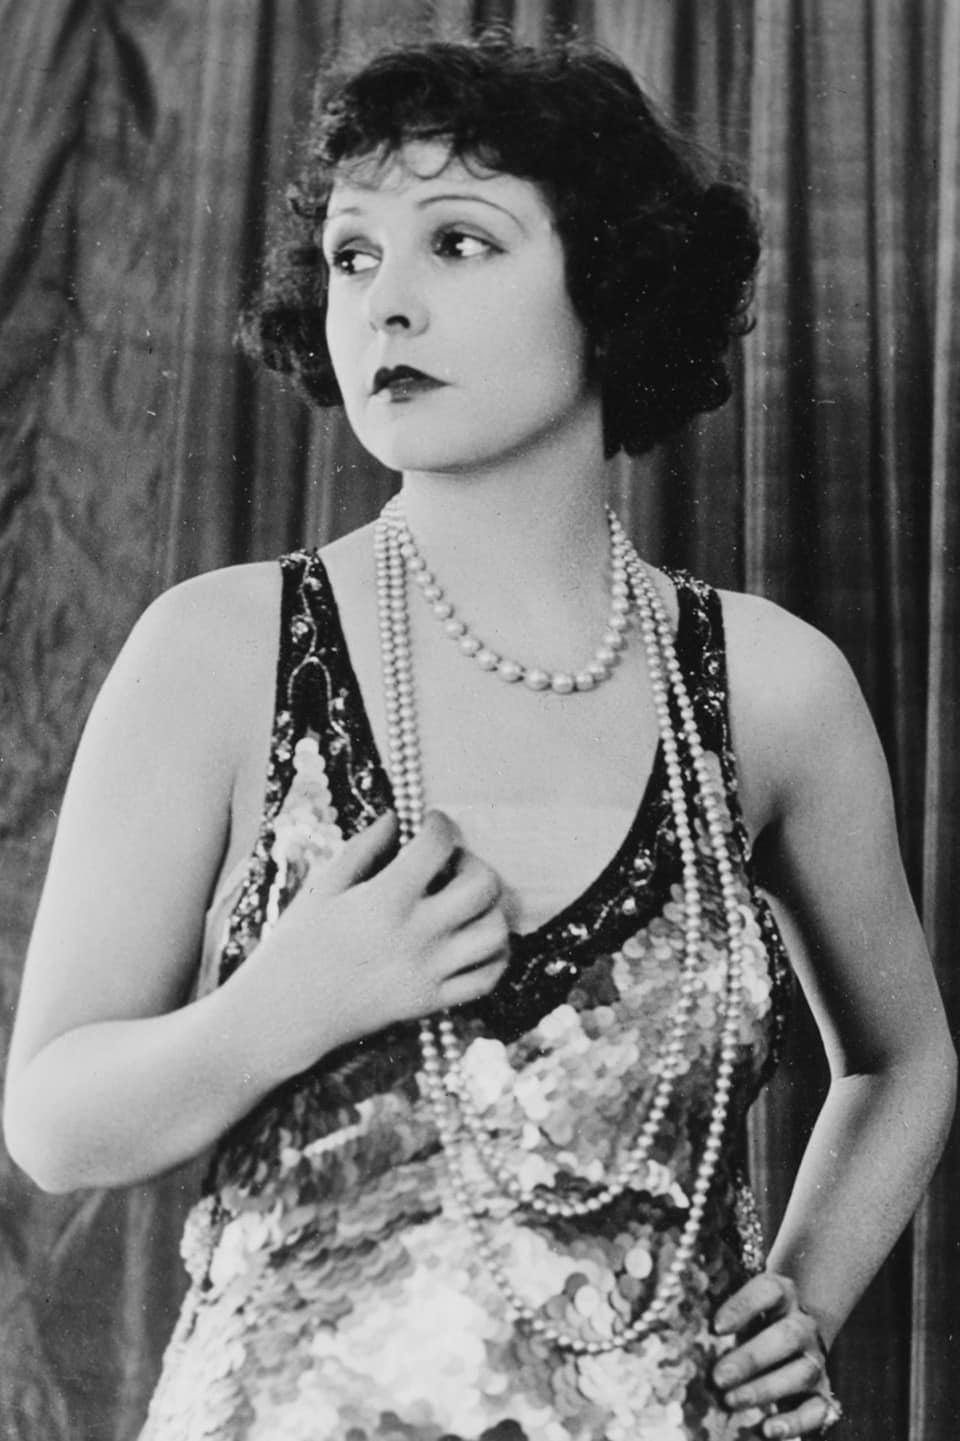 Acconciature e trucco anni '20: il look delle flappers ...